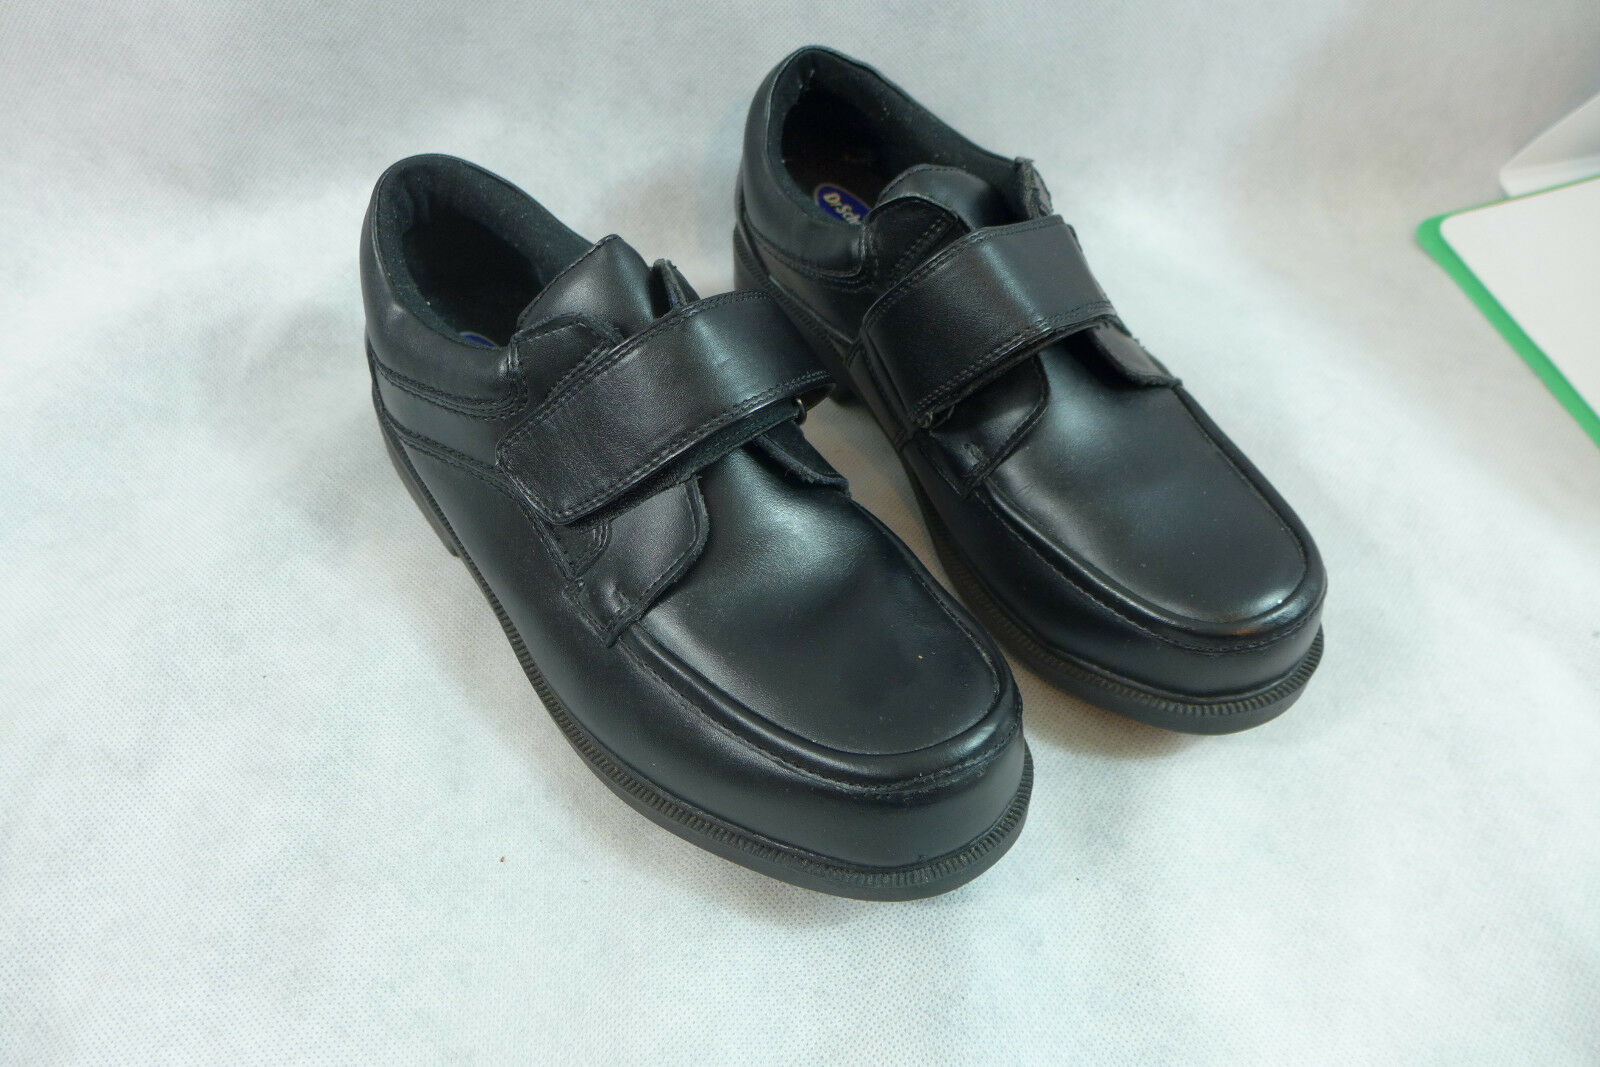 Mens Dr Scholls Shoes Double Air Pillow Insoles Black Leather EZ Strap 9 1/2 D